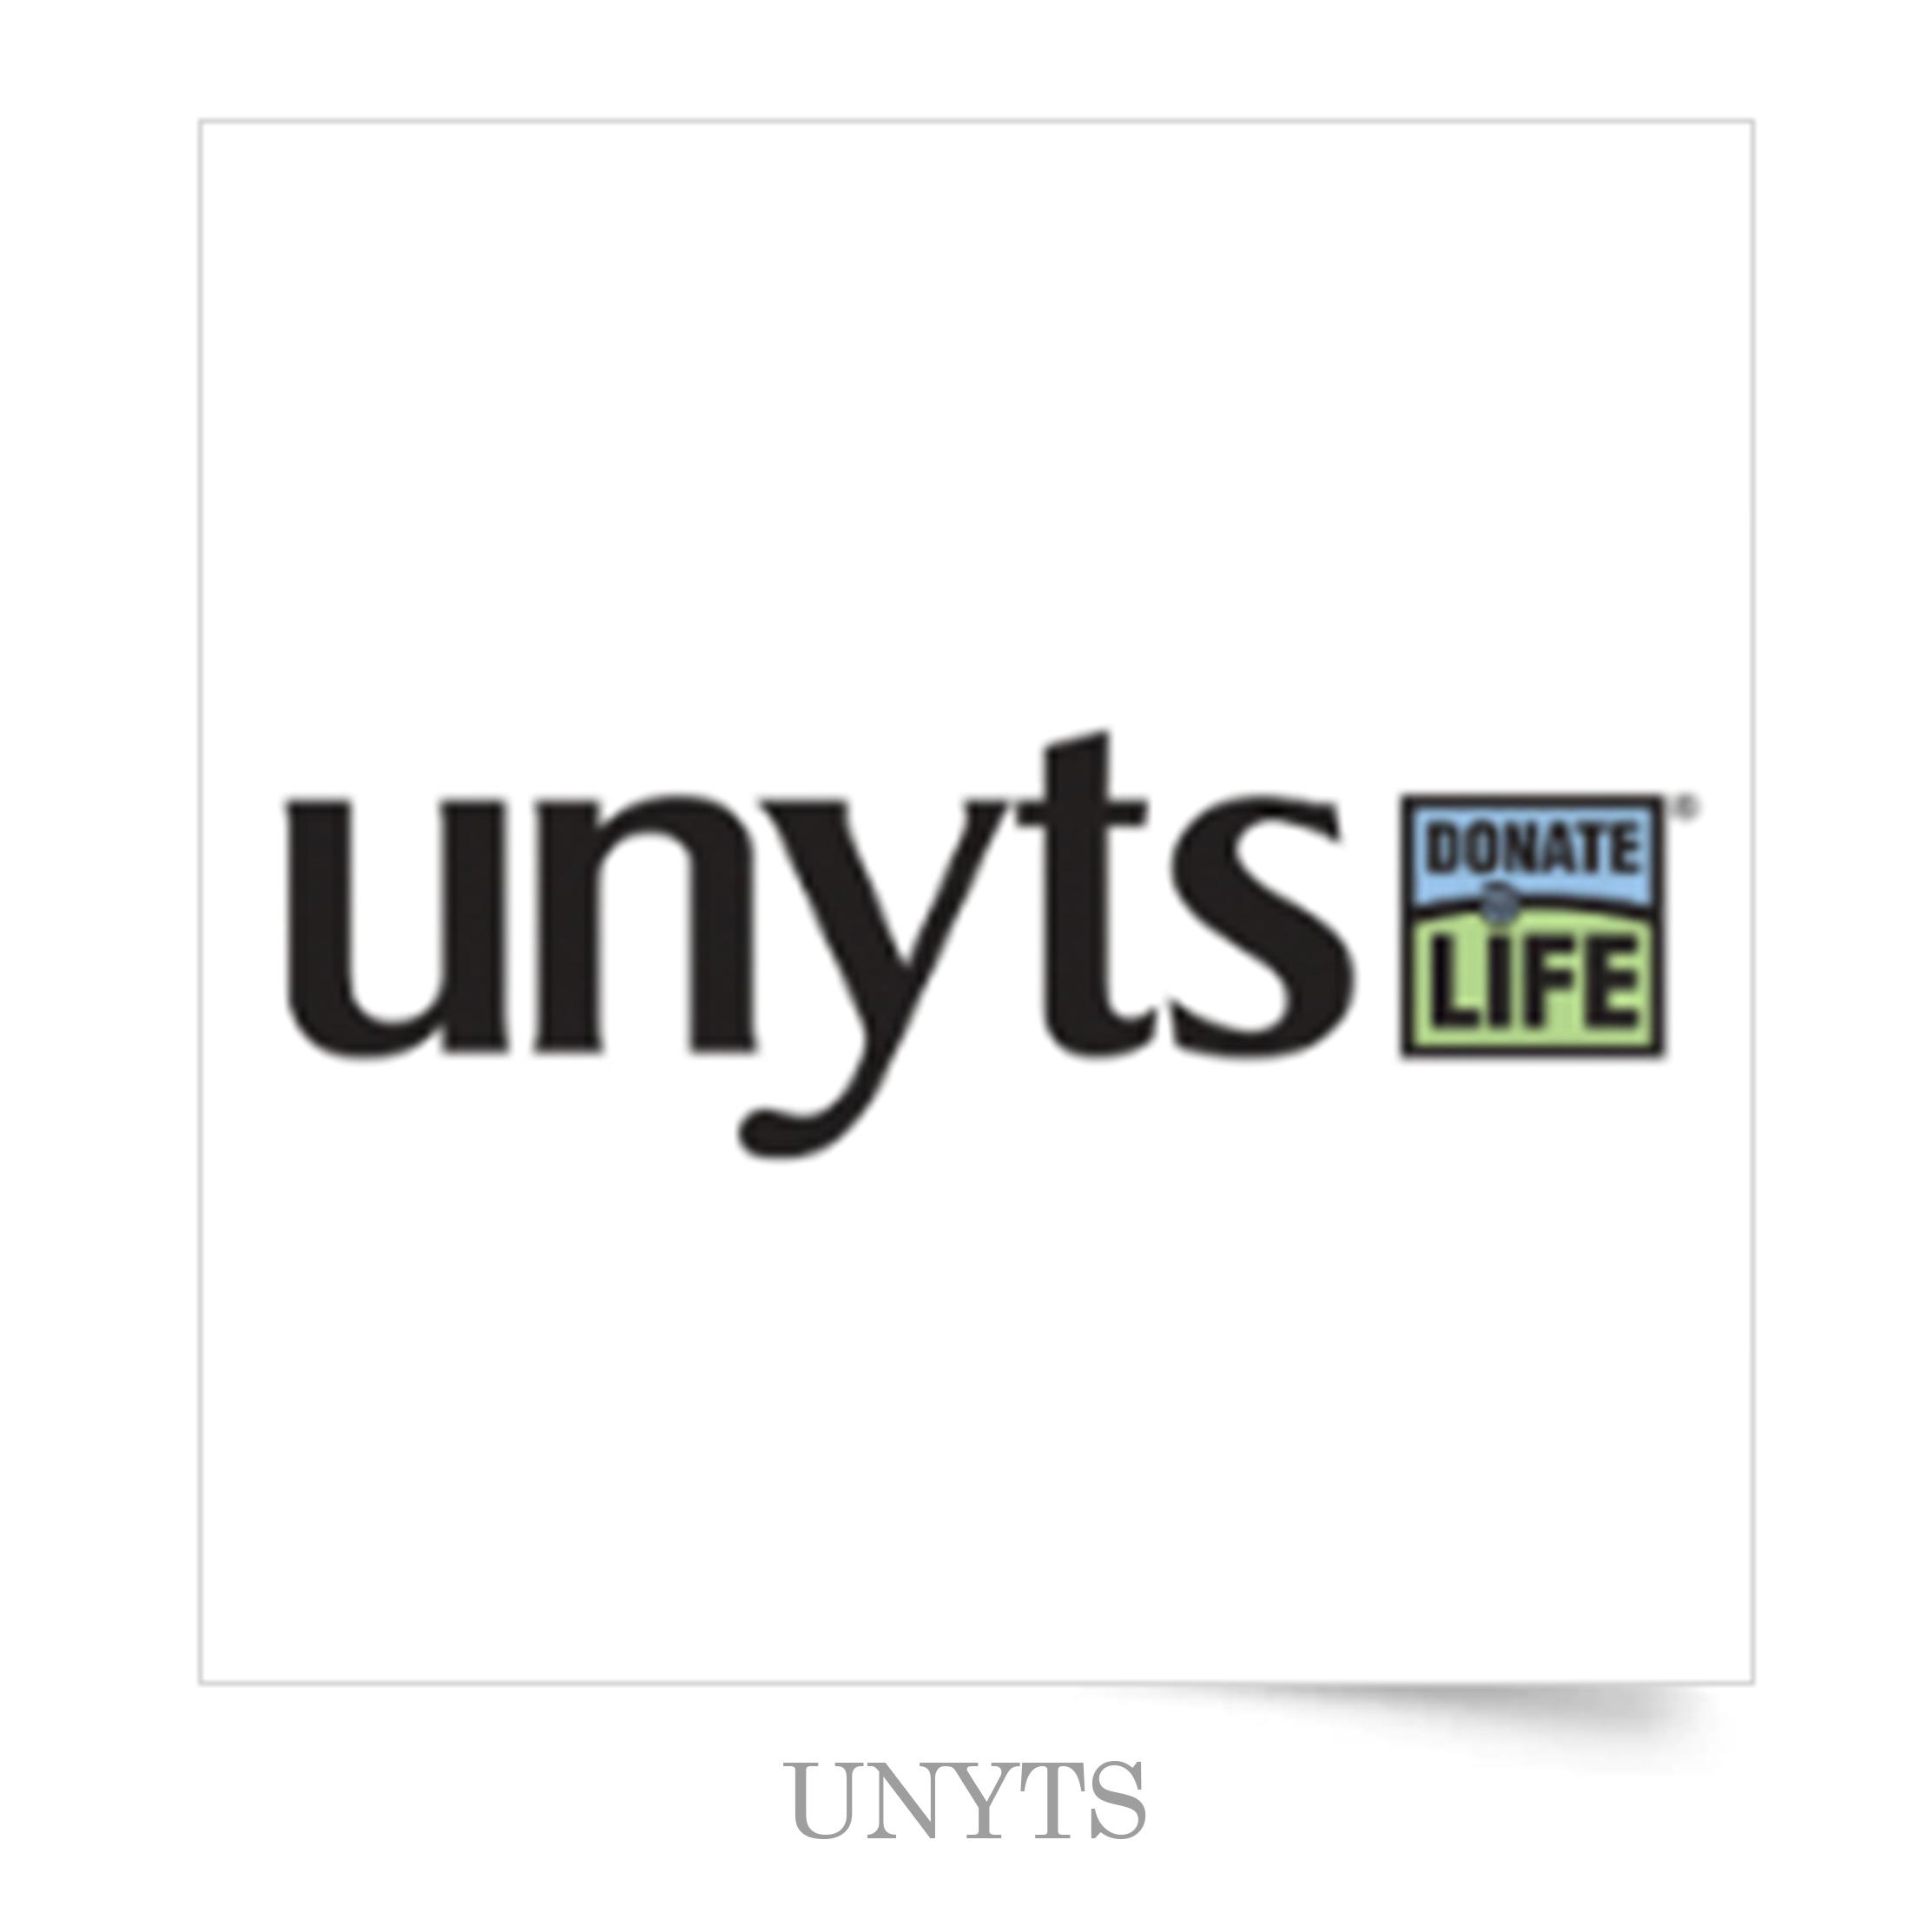 unyts